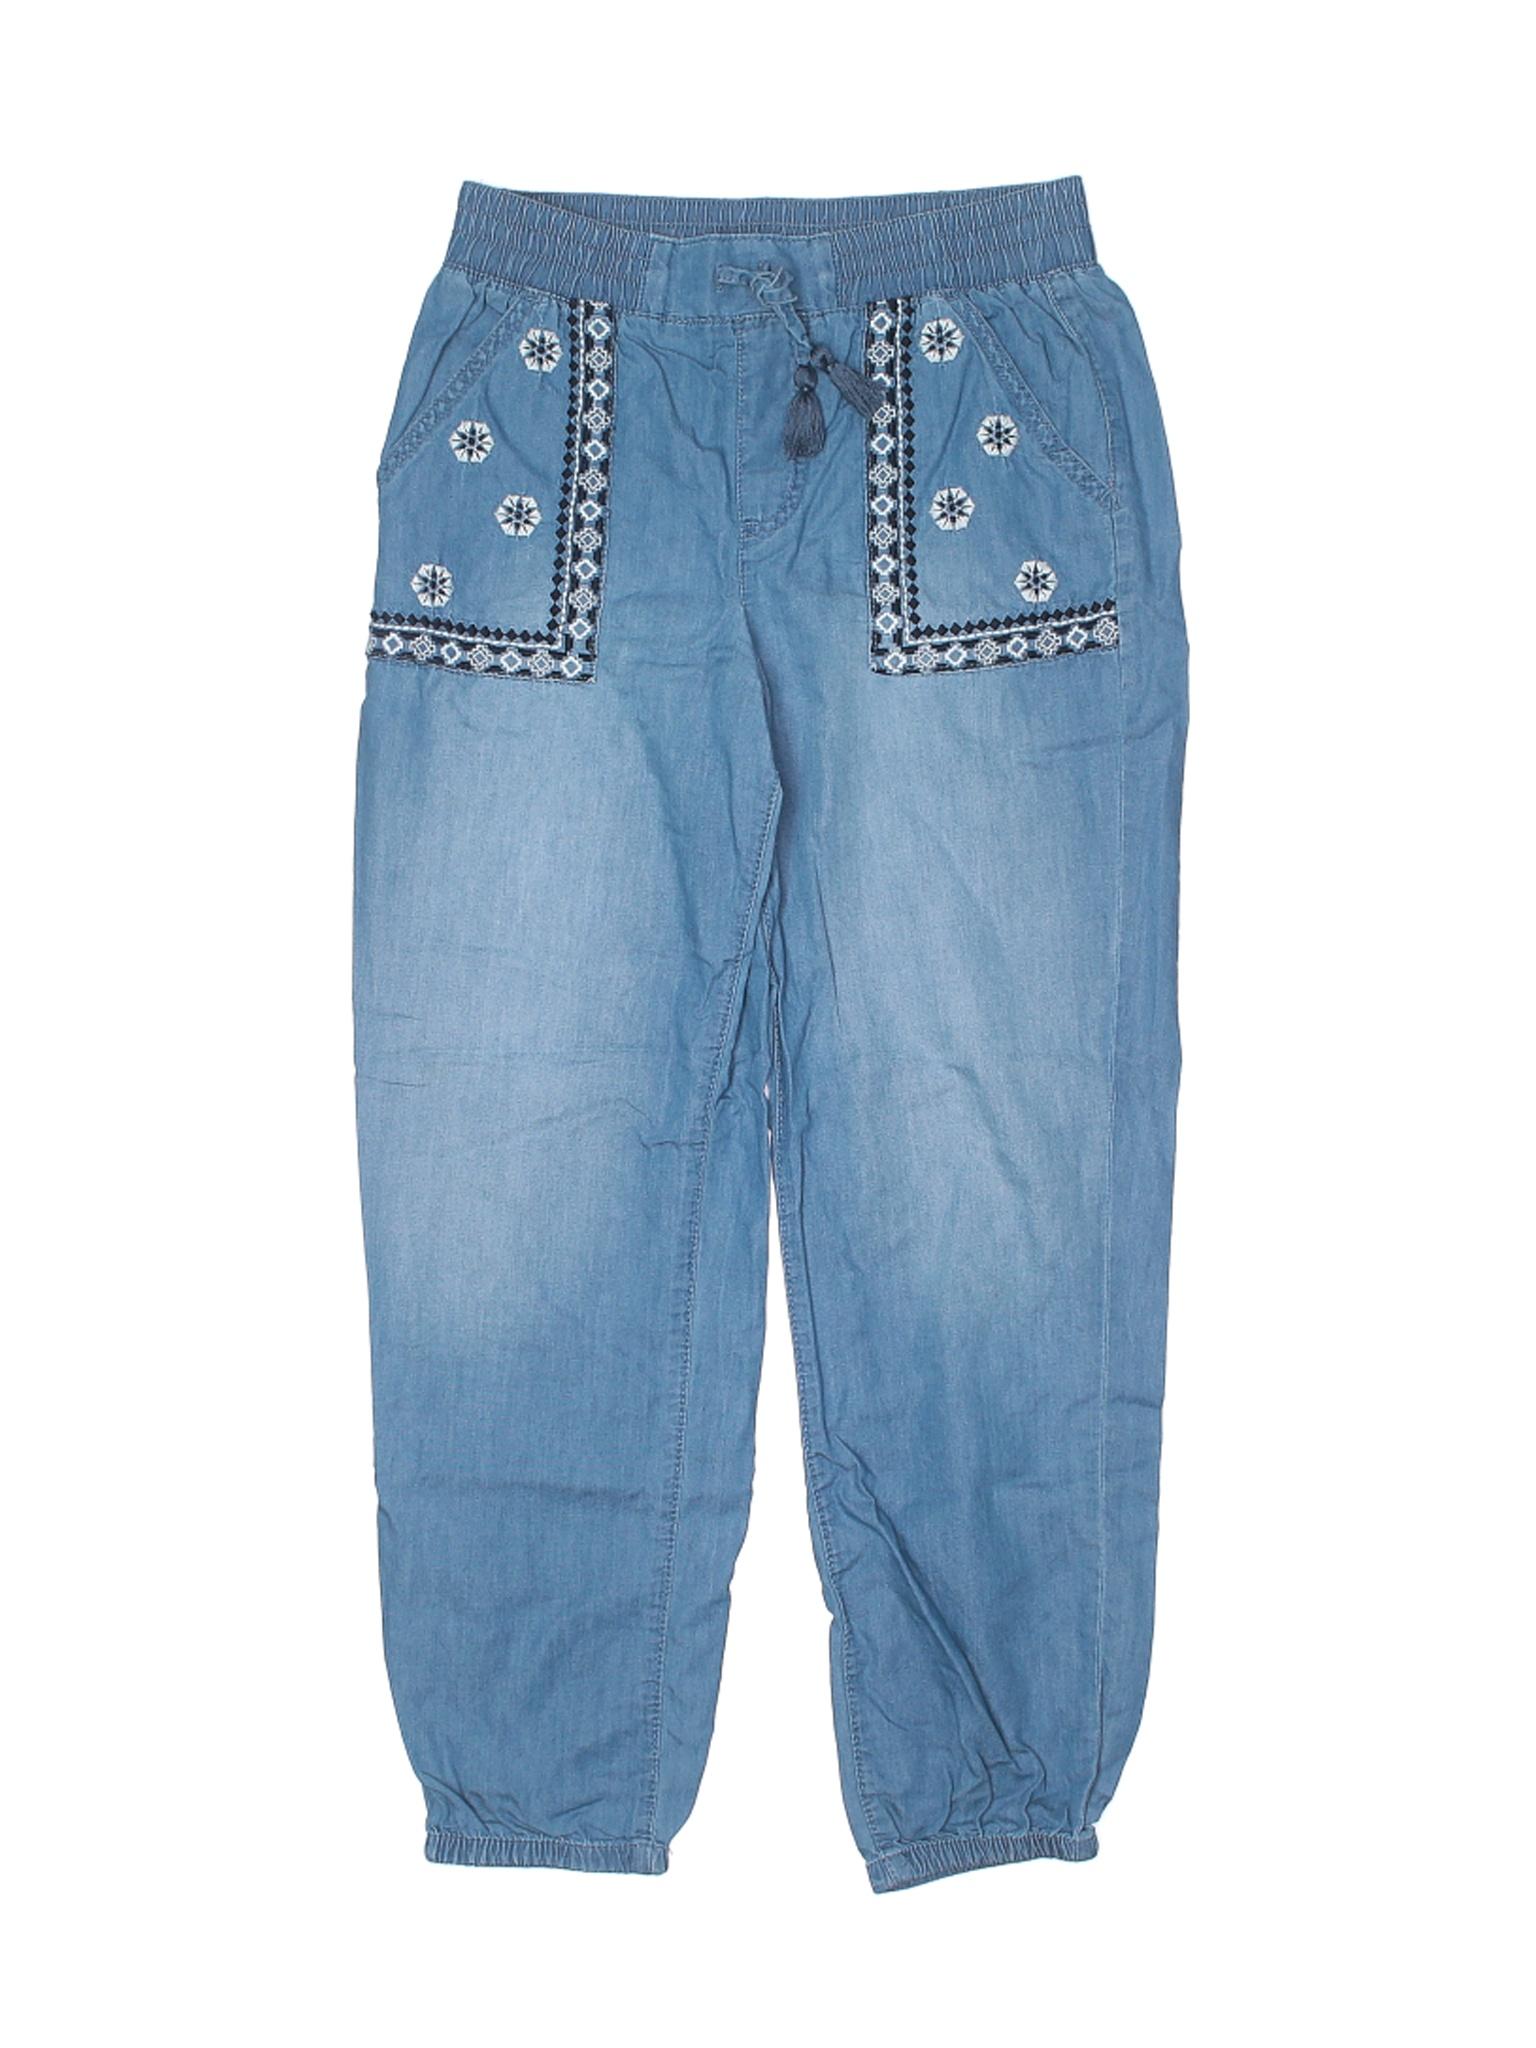 Arizona Jean Company Ninas Azul Pantalones Informales 12 Ebay